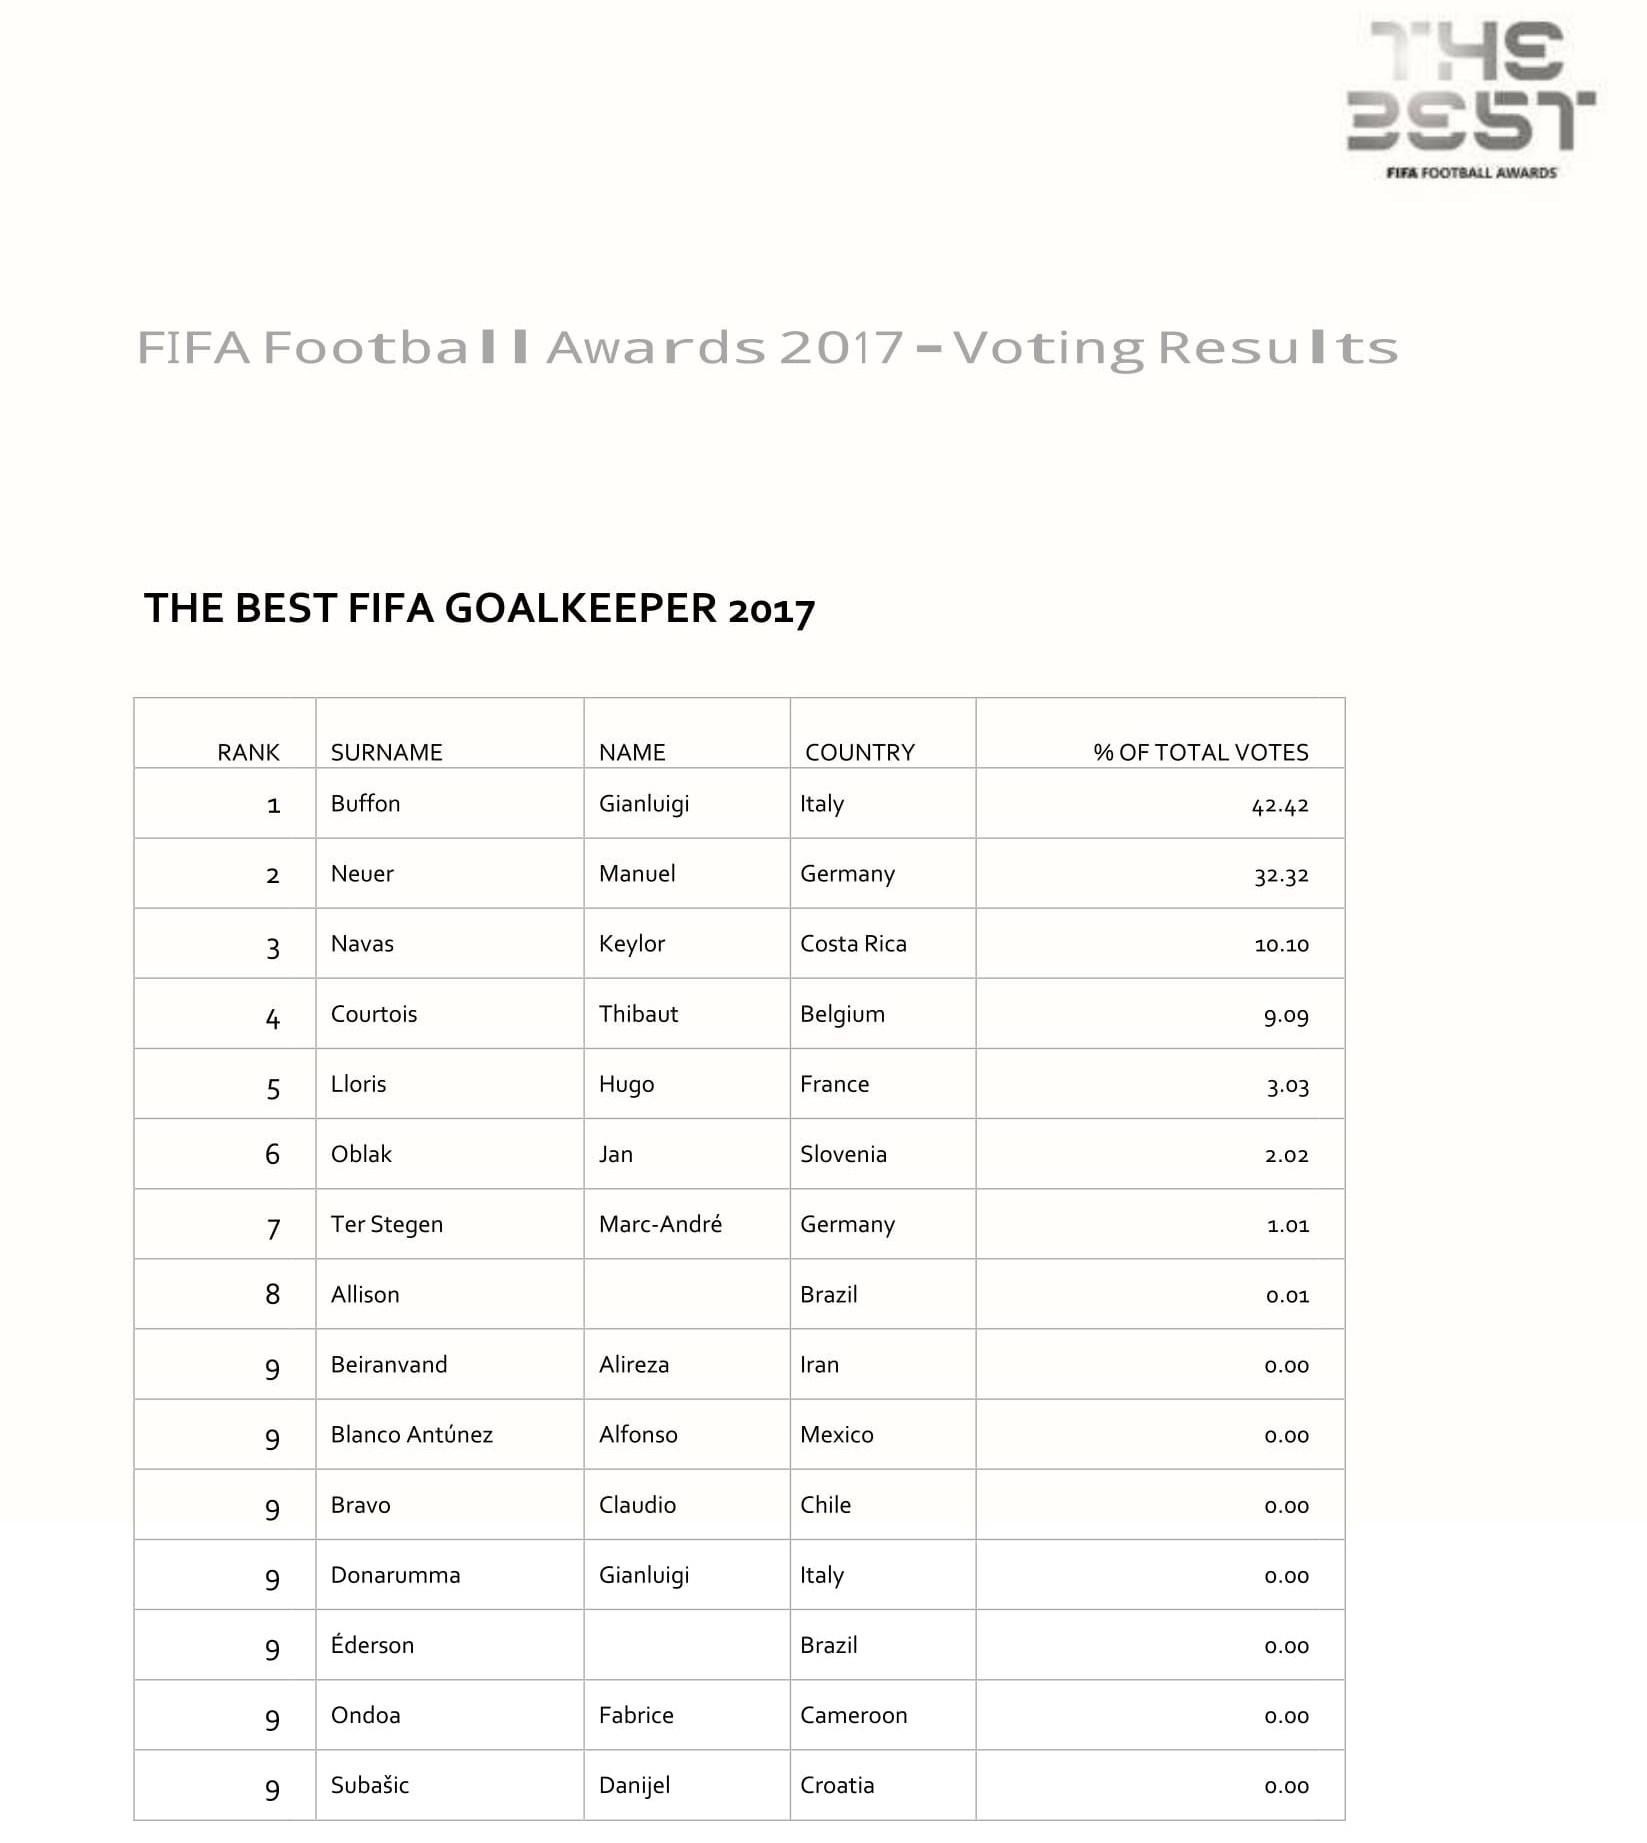 ارزشمندترین بازیکنان در لیگ برتر(جدول) .